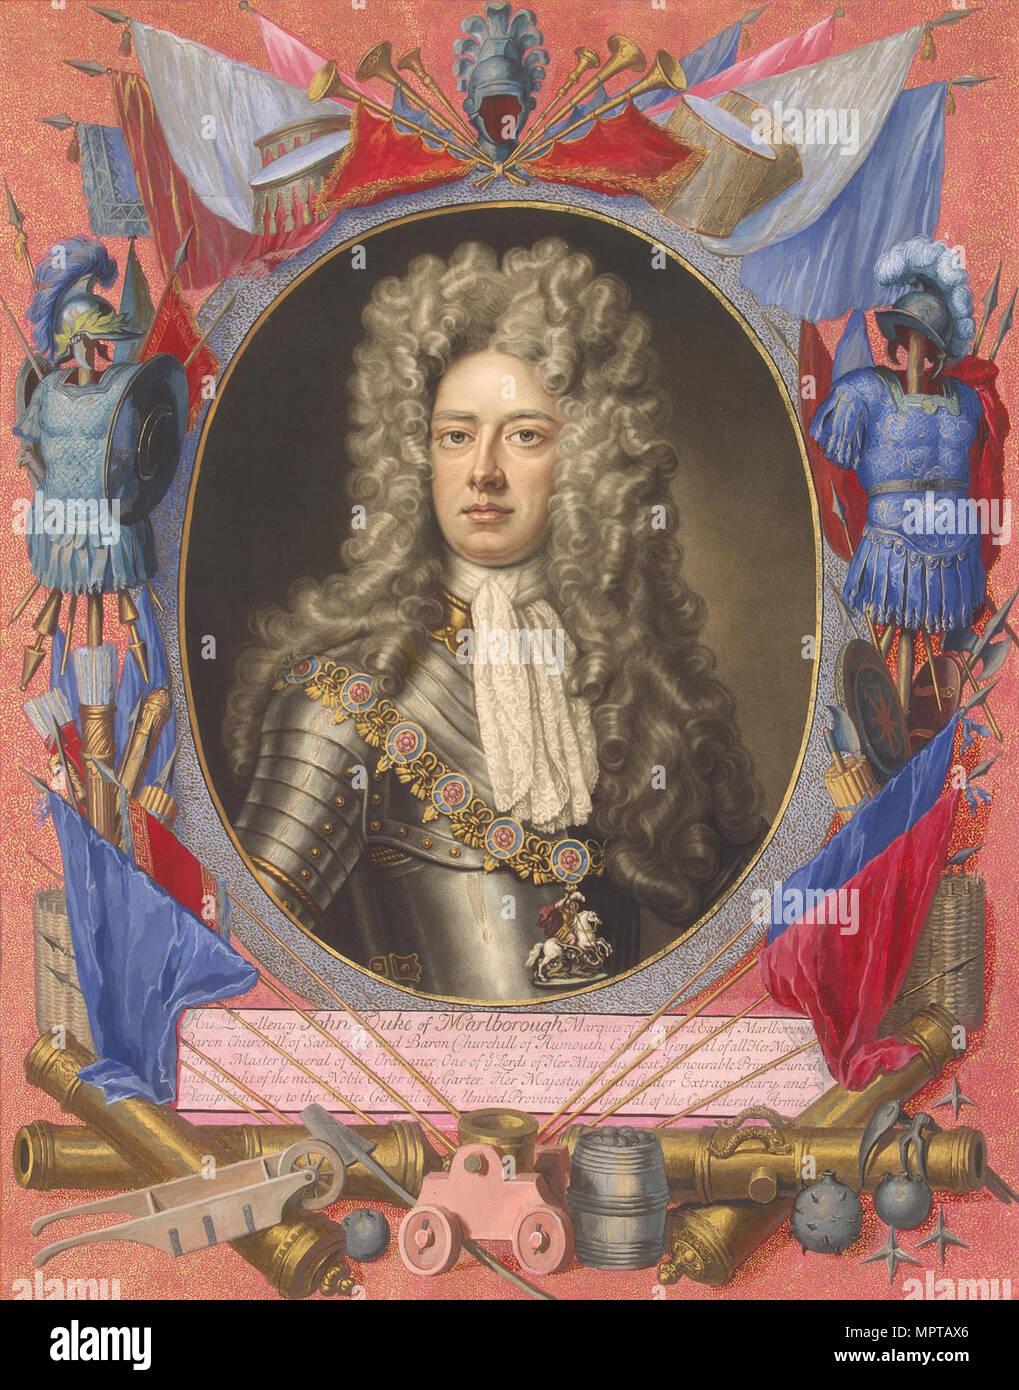 Portrait of John Churchill, 1st Duke of Marlborough (1650-1722). - Stock Image